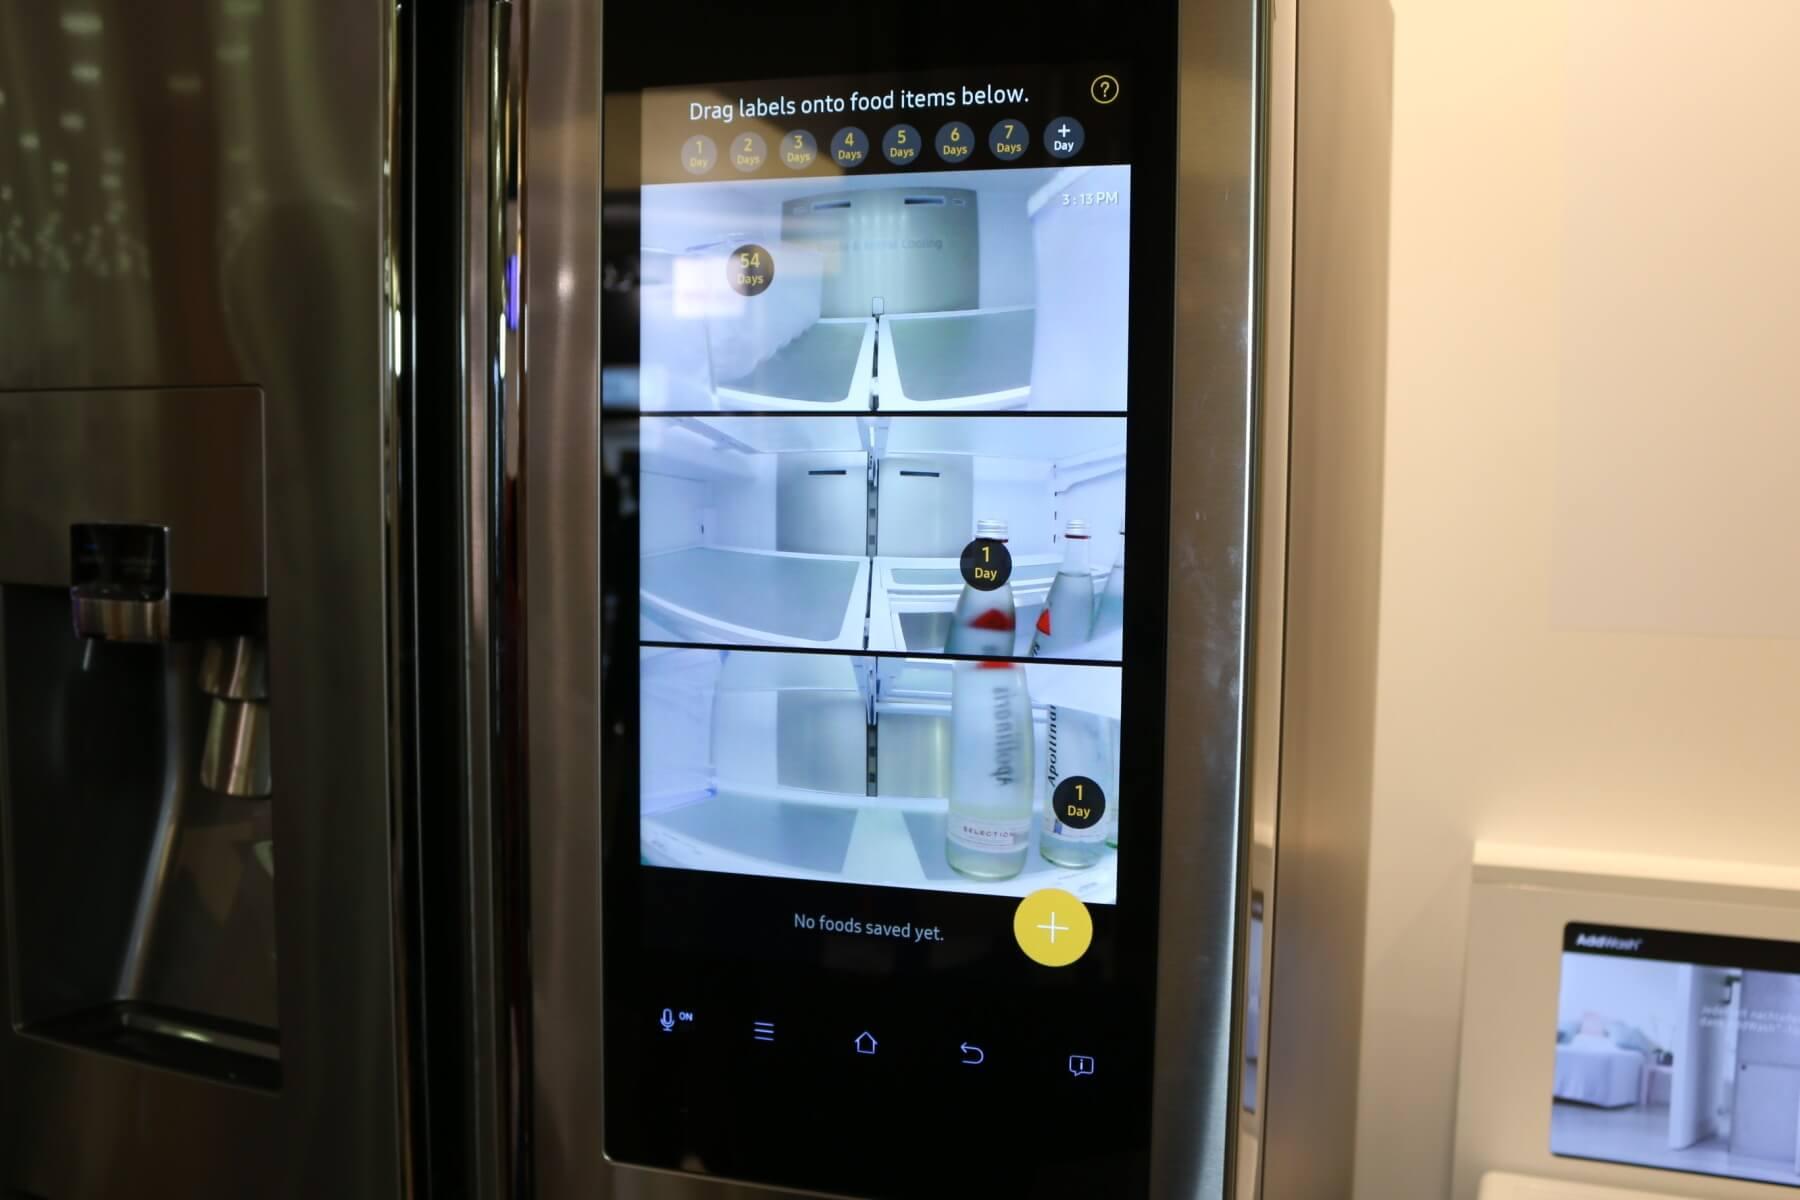 Side By Side Kühlschrank Mit Display : Ifa ein blick in samsungs smarten kühlschrank mit family hub